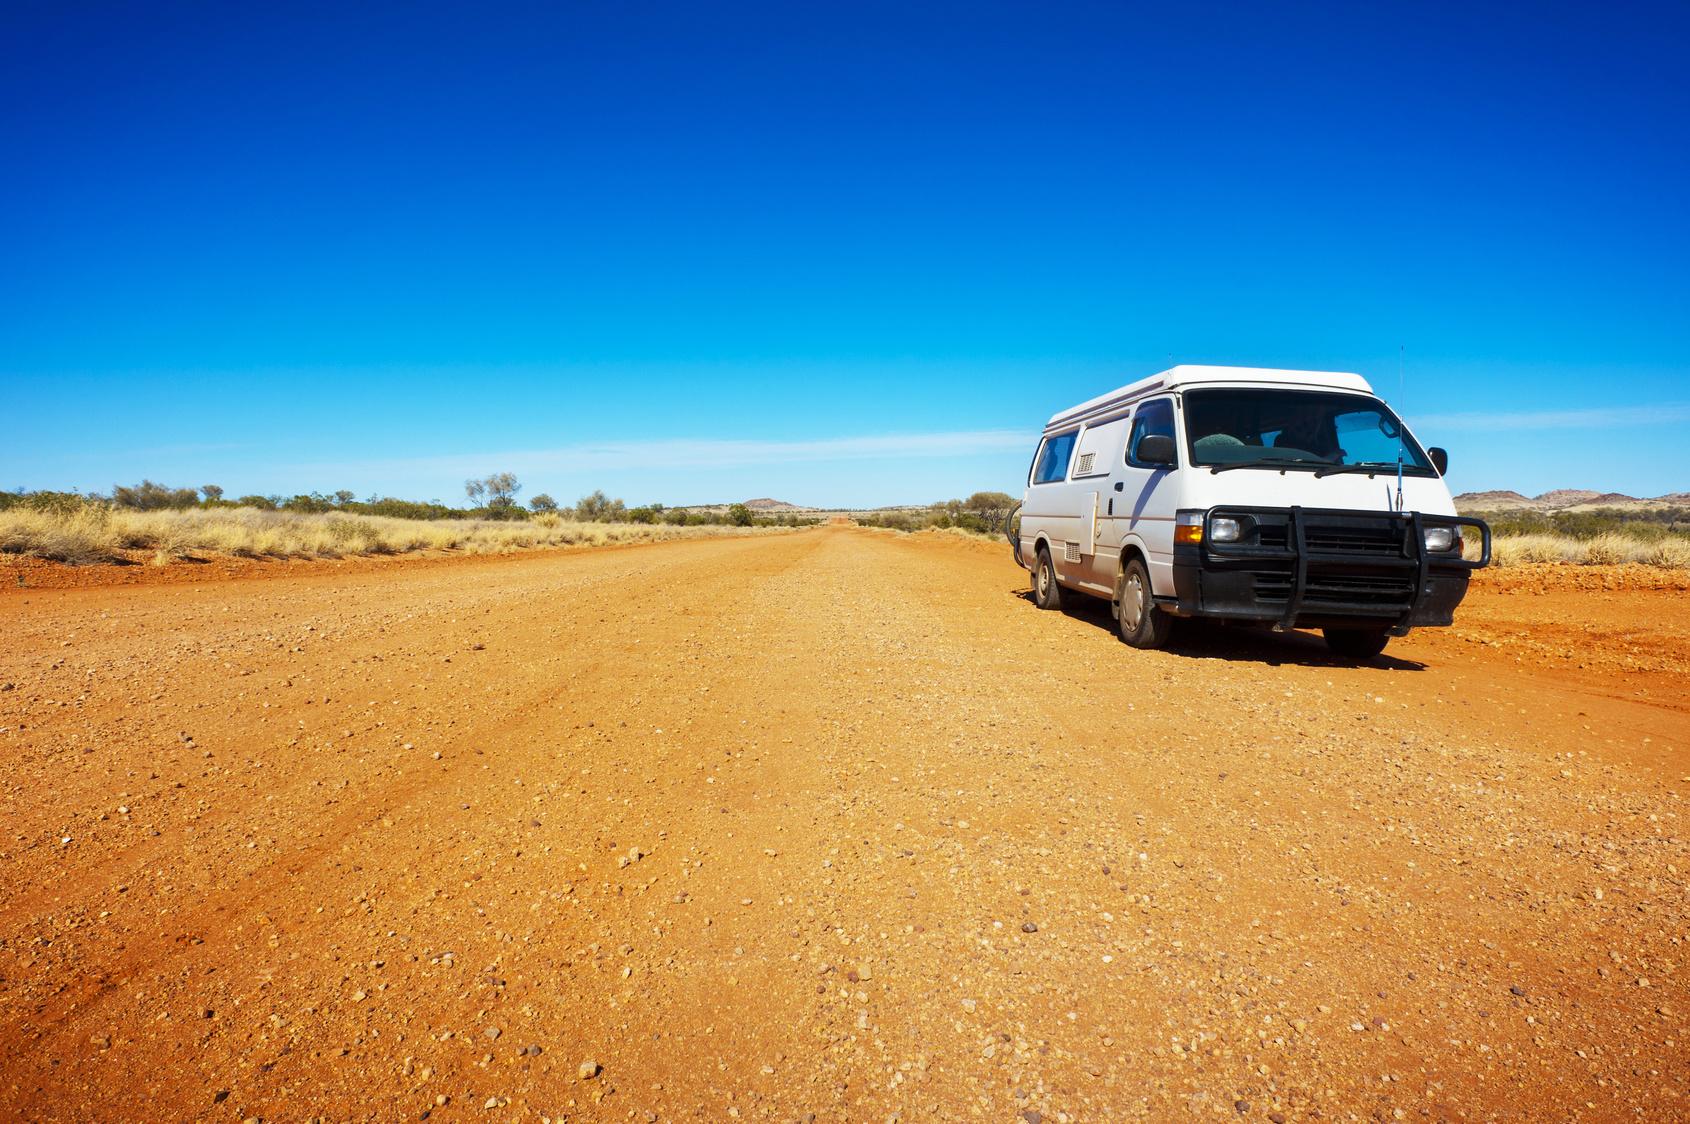 achat d'un van en australie par un backpacker